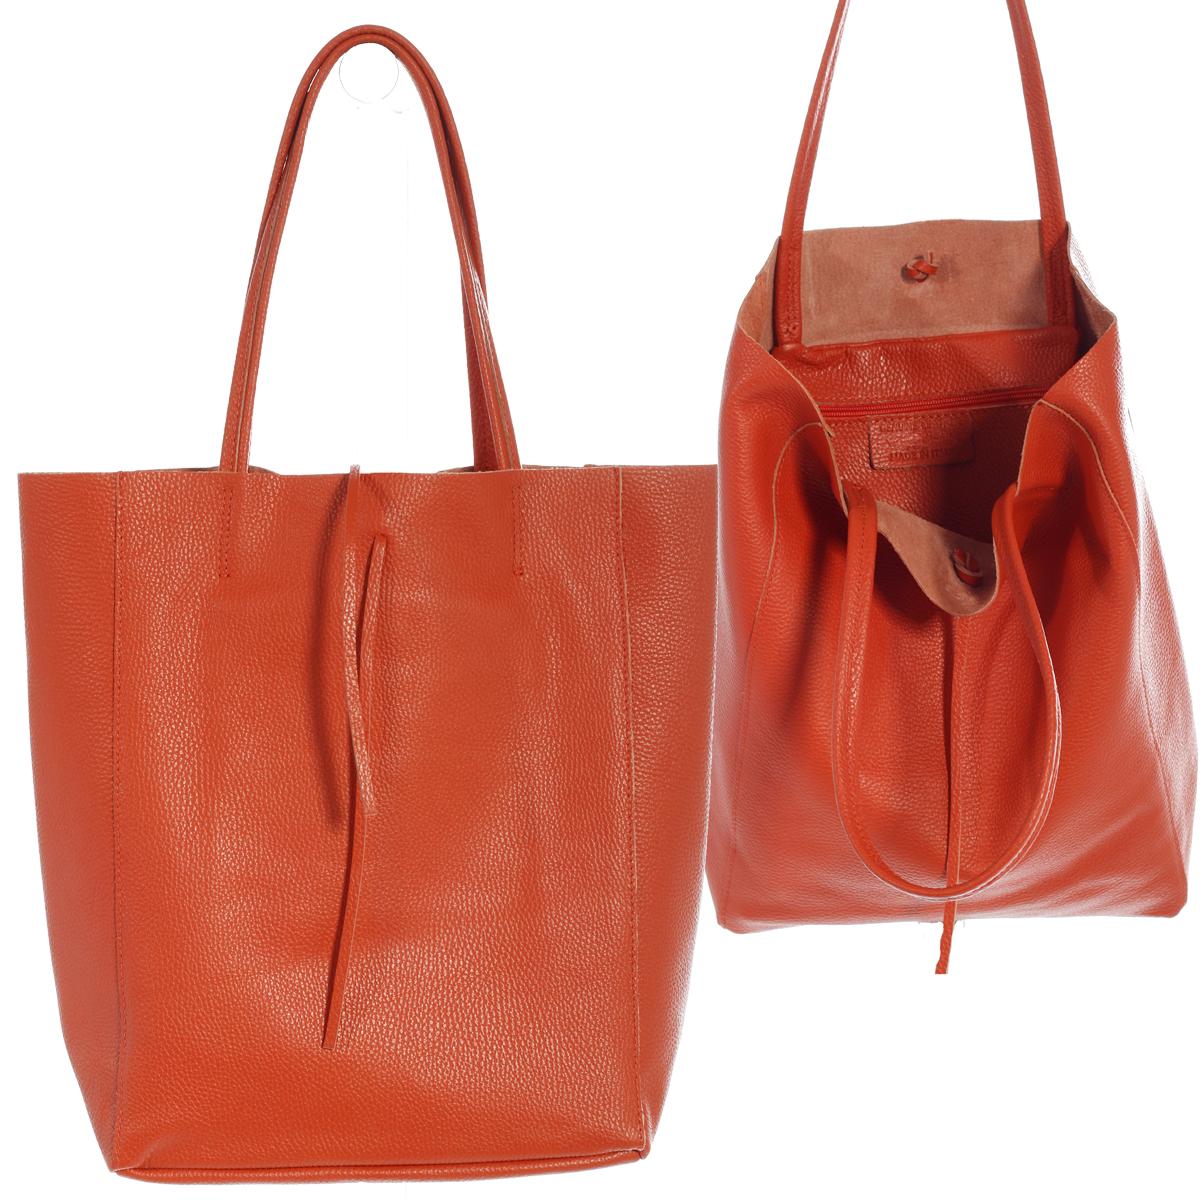 Shopper Henkeltasche mit großer Innentasche aus beschichtetem Leder Senf Orange